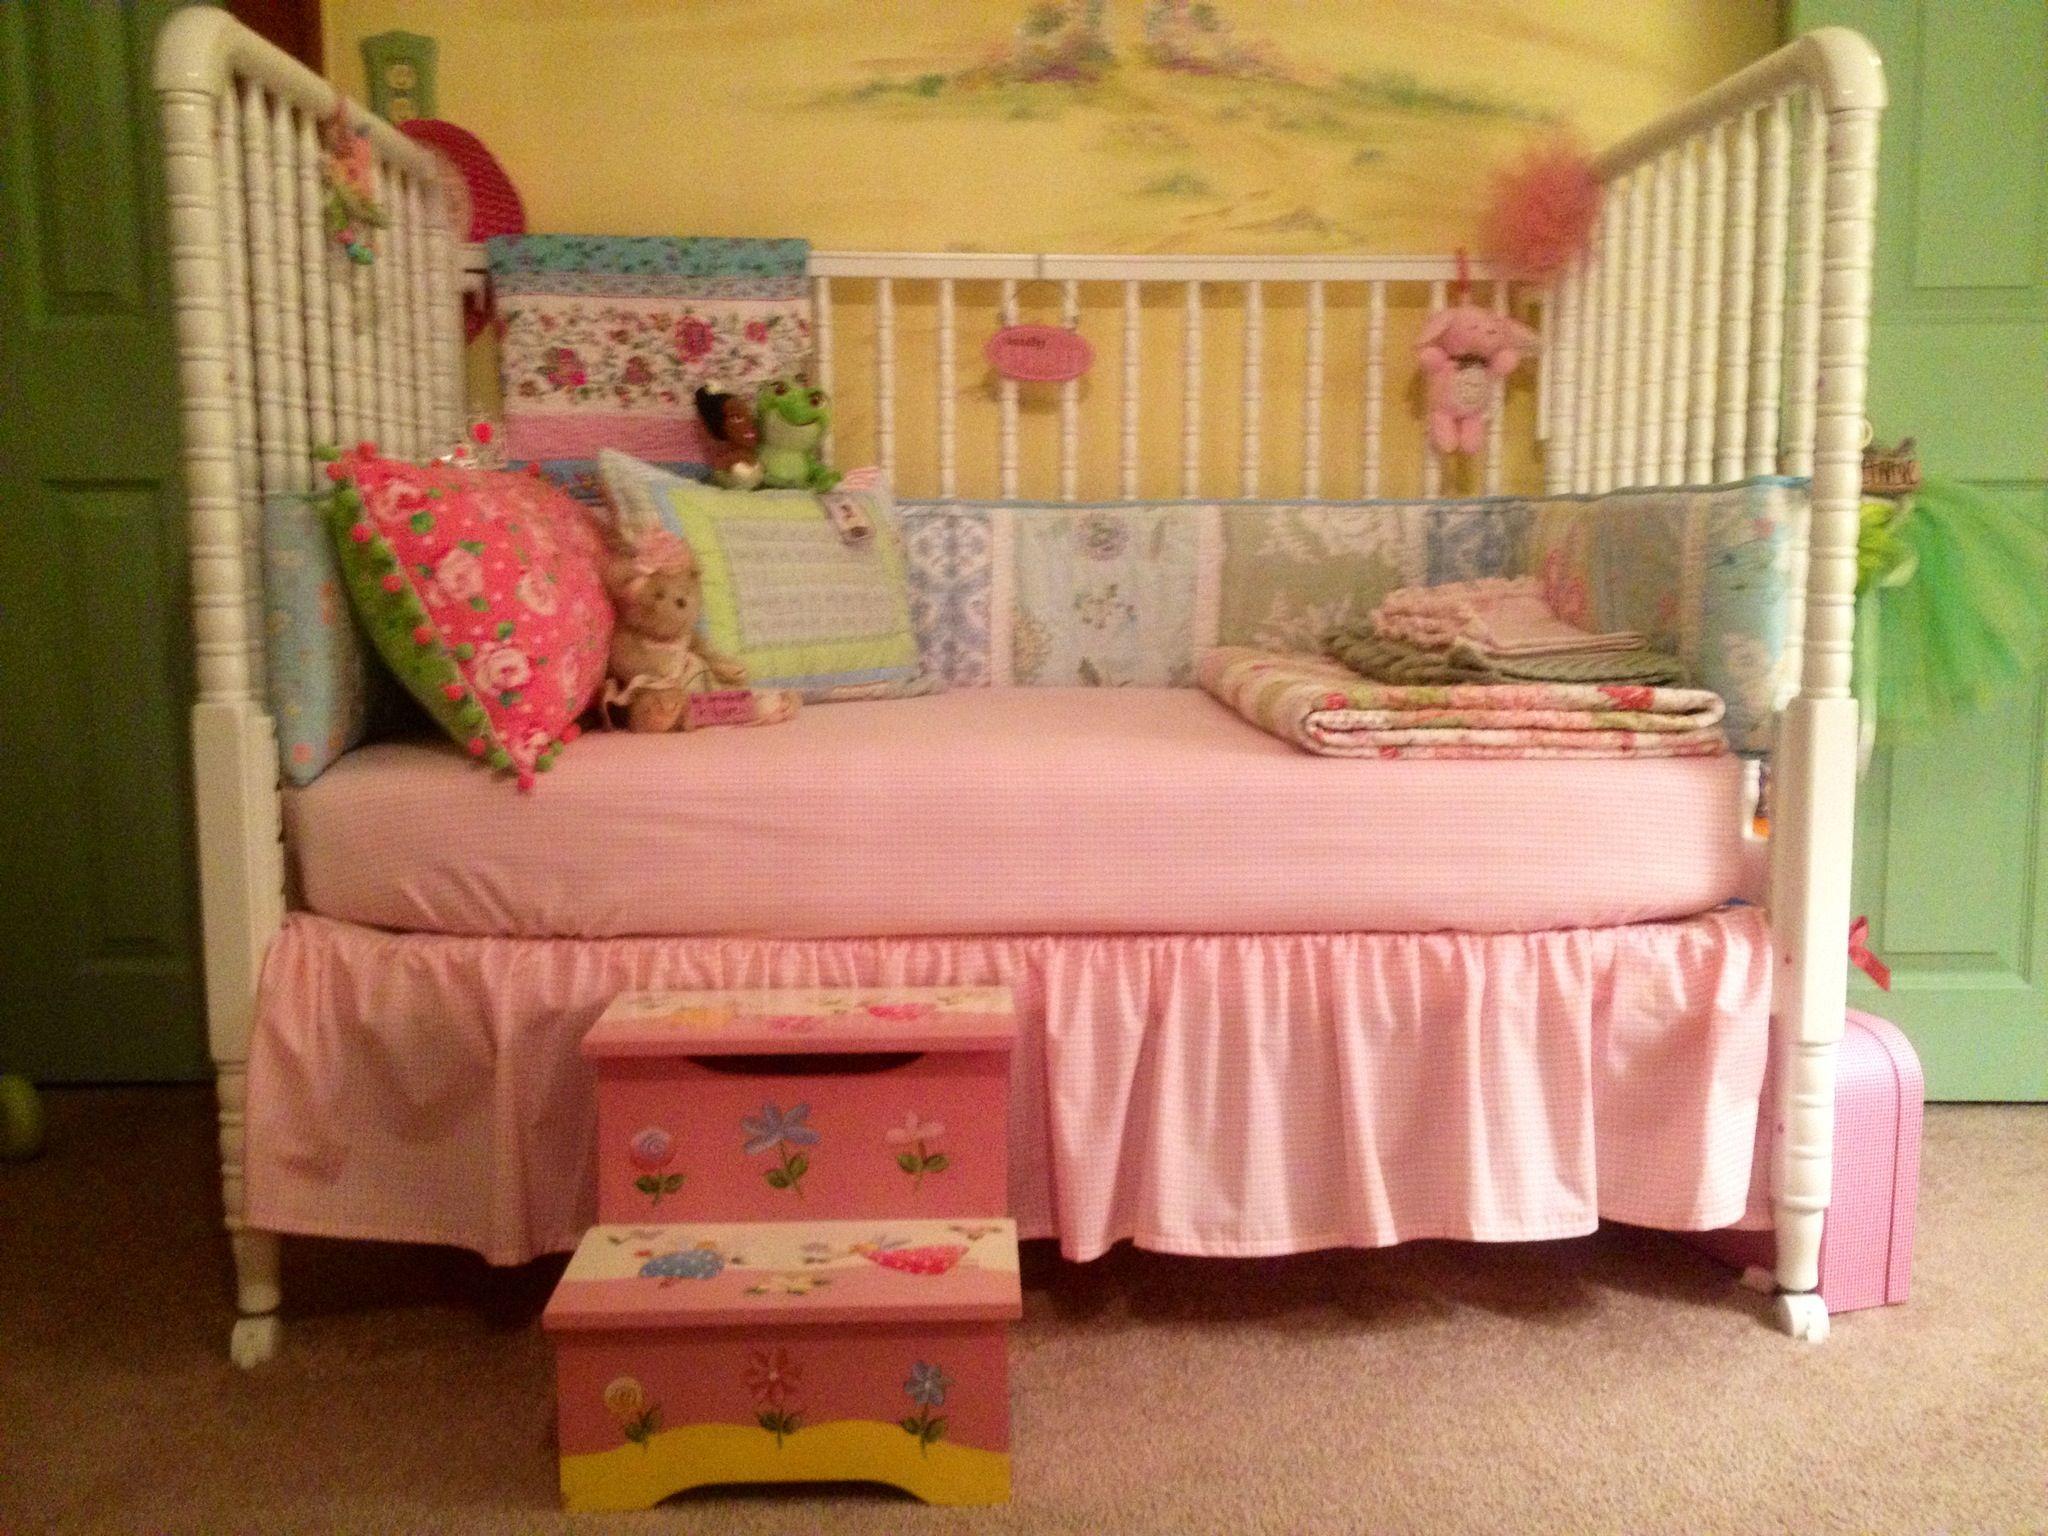 Princess Granddaughter's Big Girl Bed at Nanny & Papi's House...So Sweet!